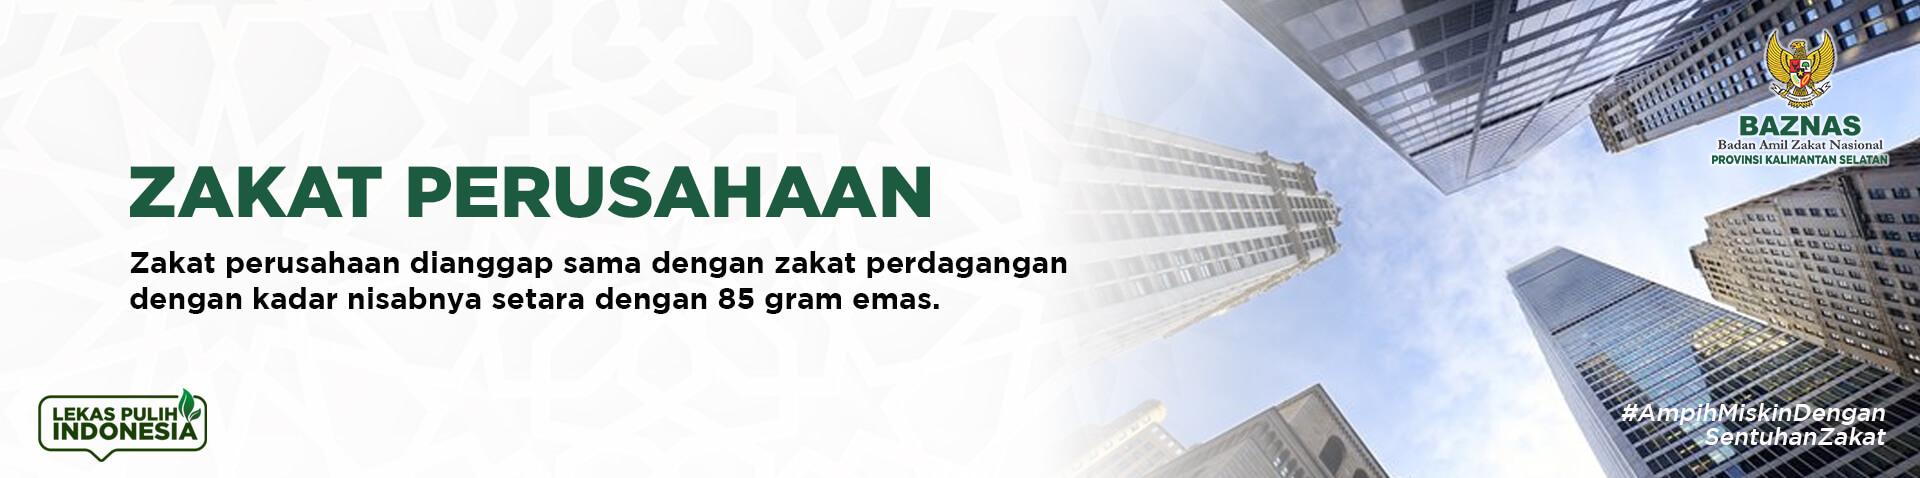 Zakat_Perusahaan